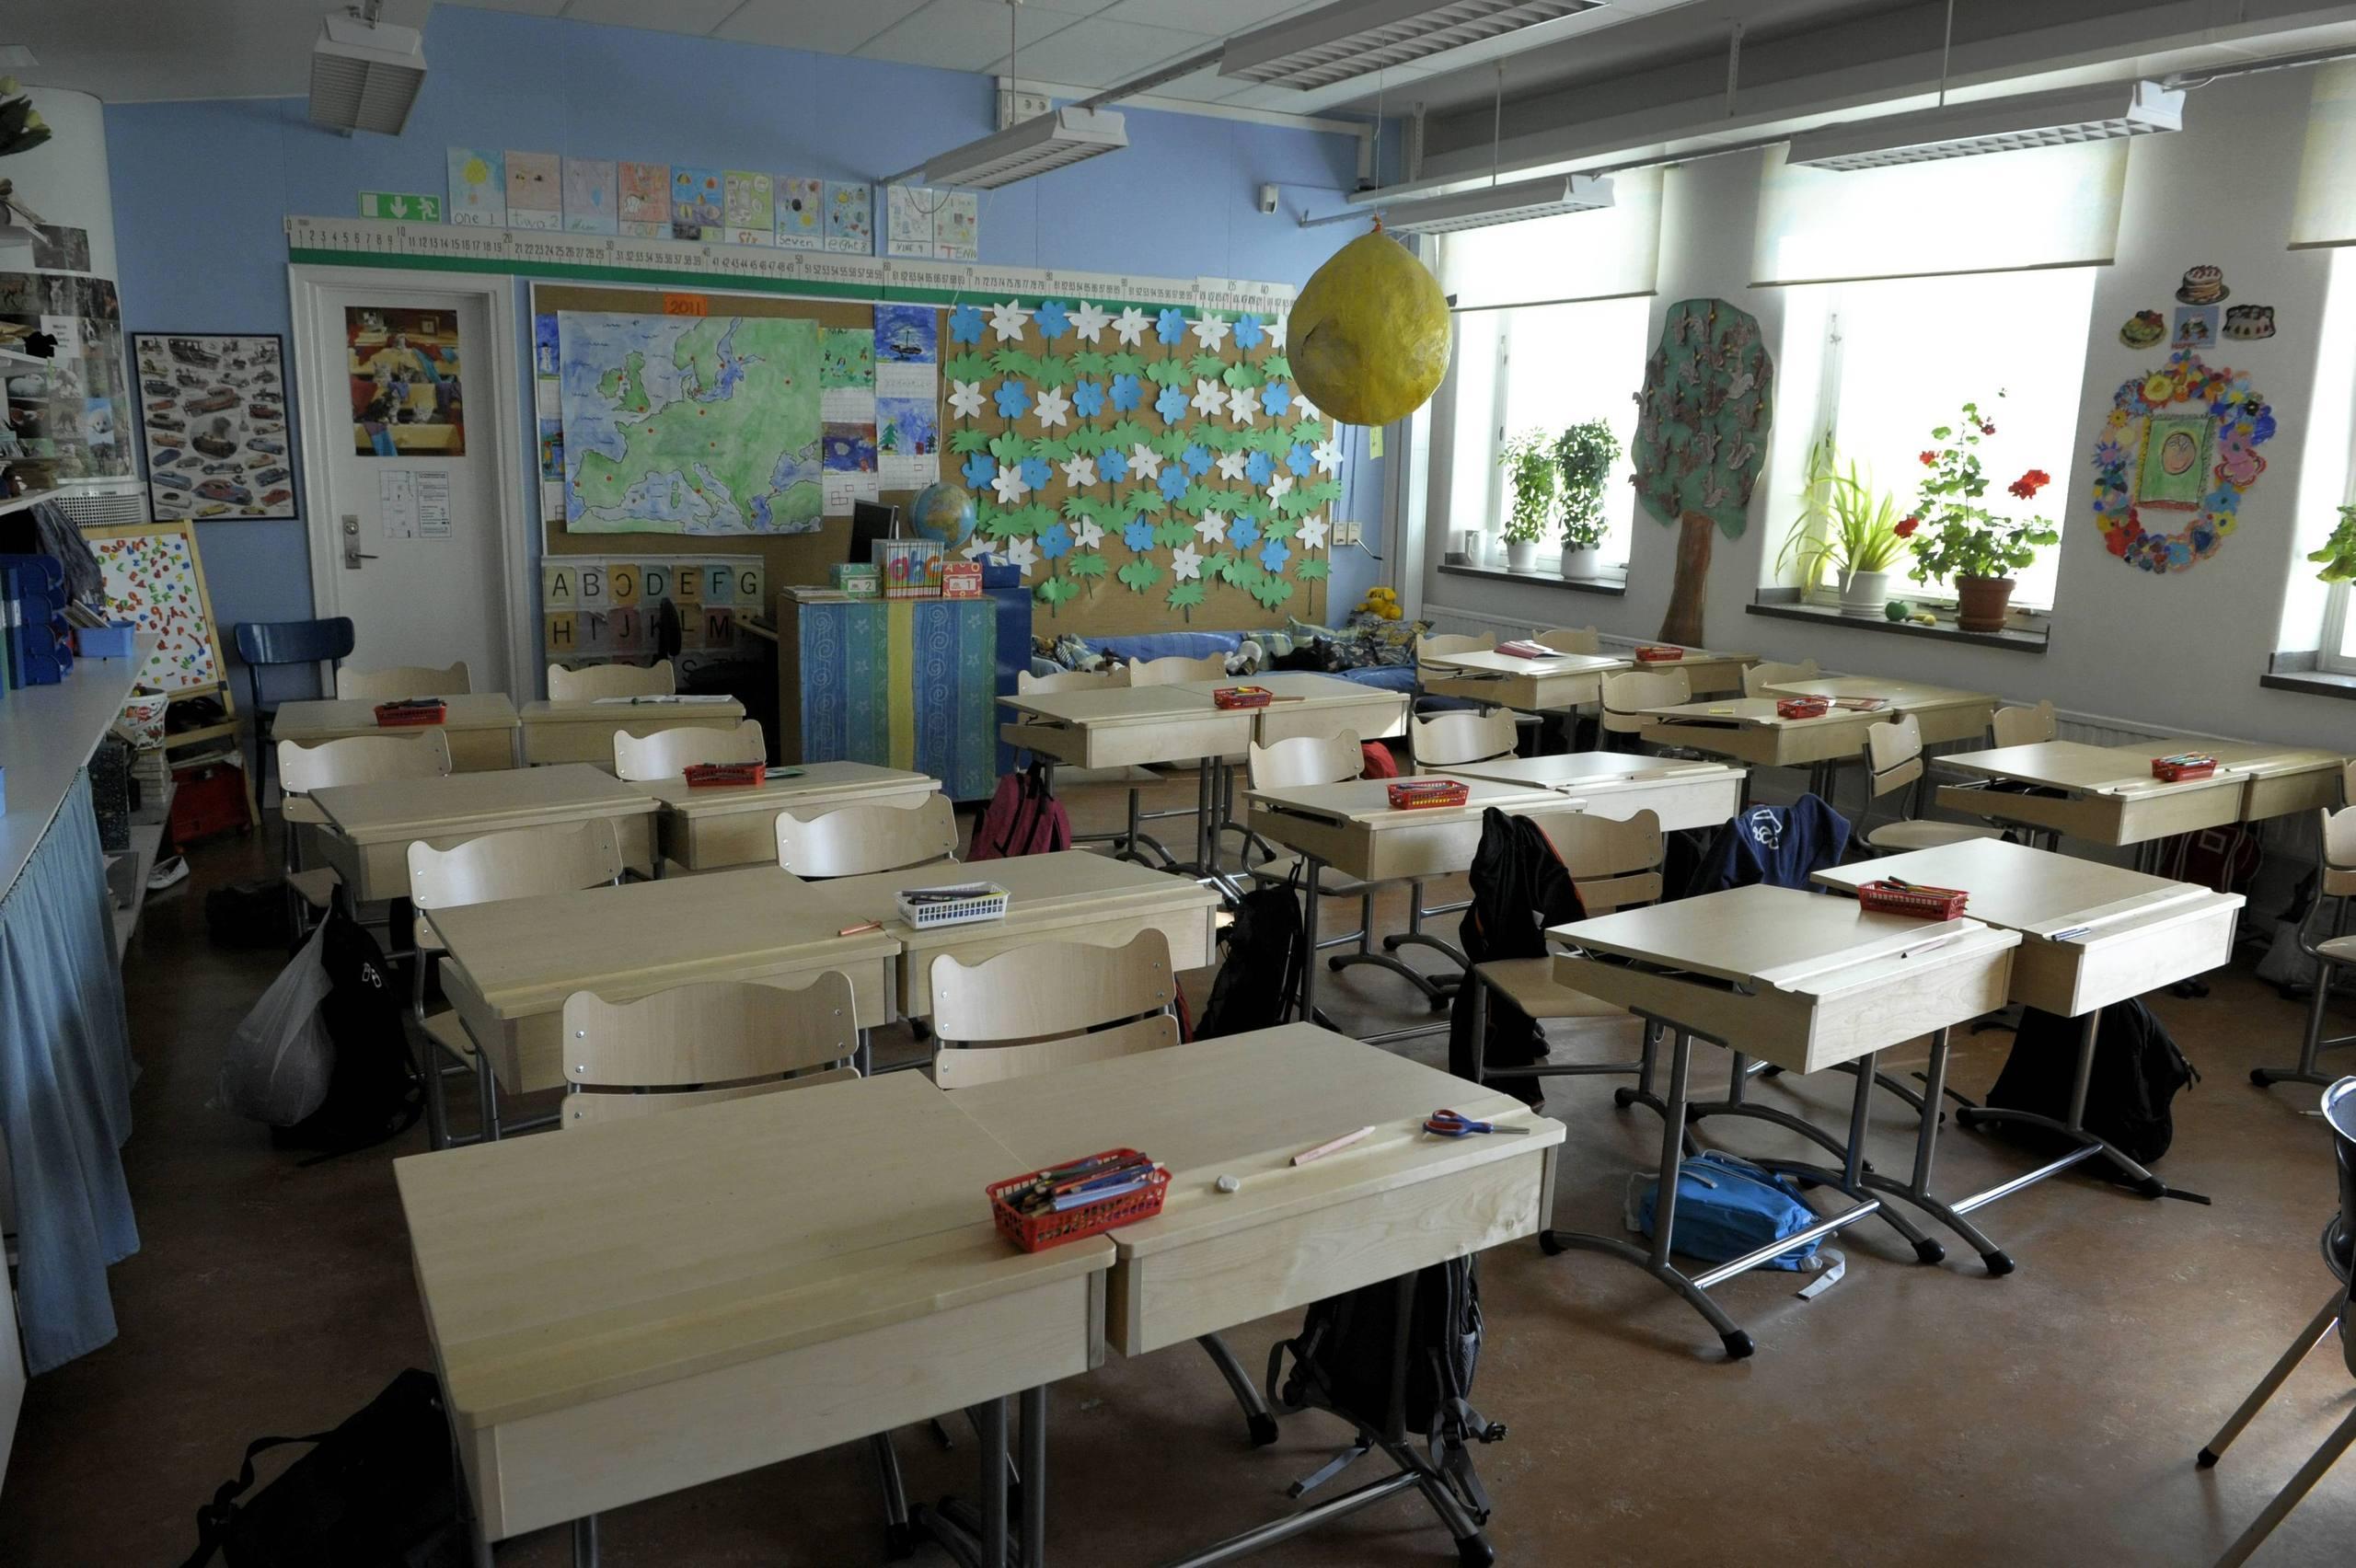 Nol klassrum forstorda i brand